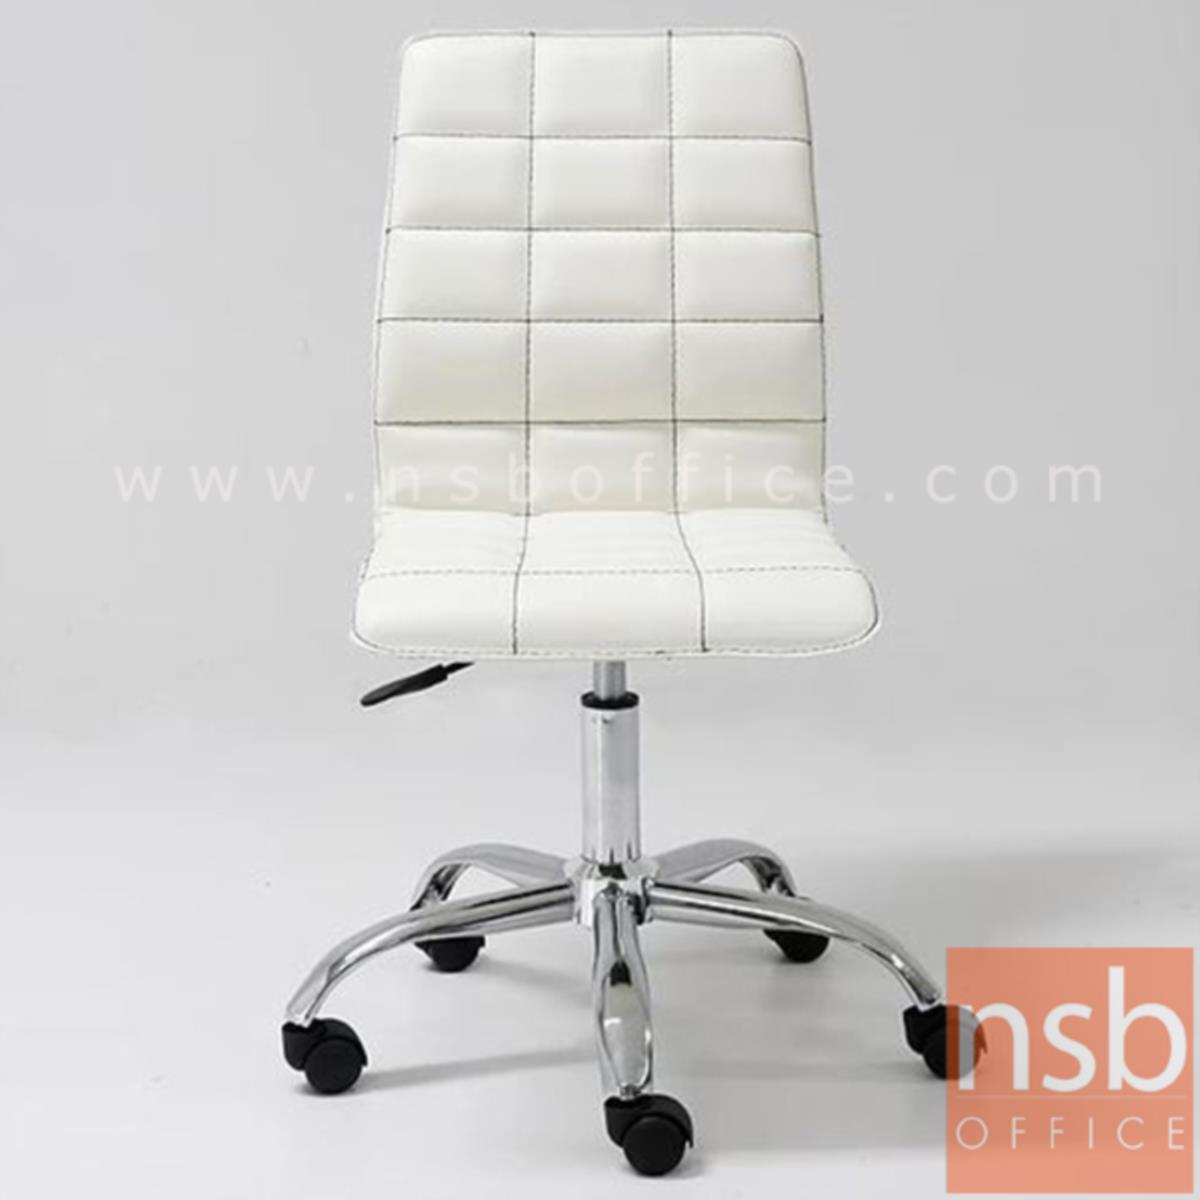 เก้าอี้สำนักงาน  รุ่น Marcia (มาร์เชอ)  โช๊คแก๊ส ขาเหล็กชุบโครเมี่ยม